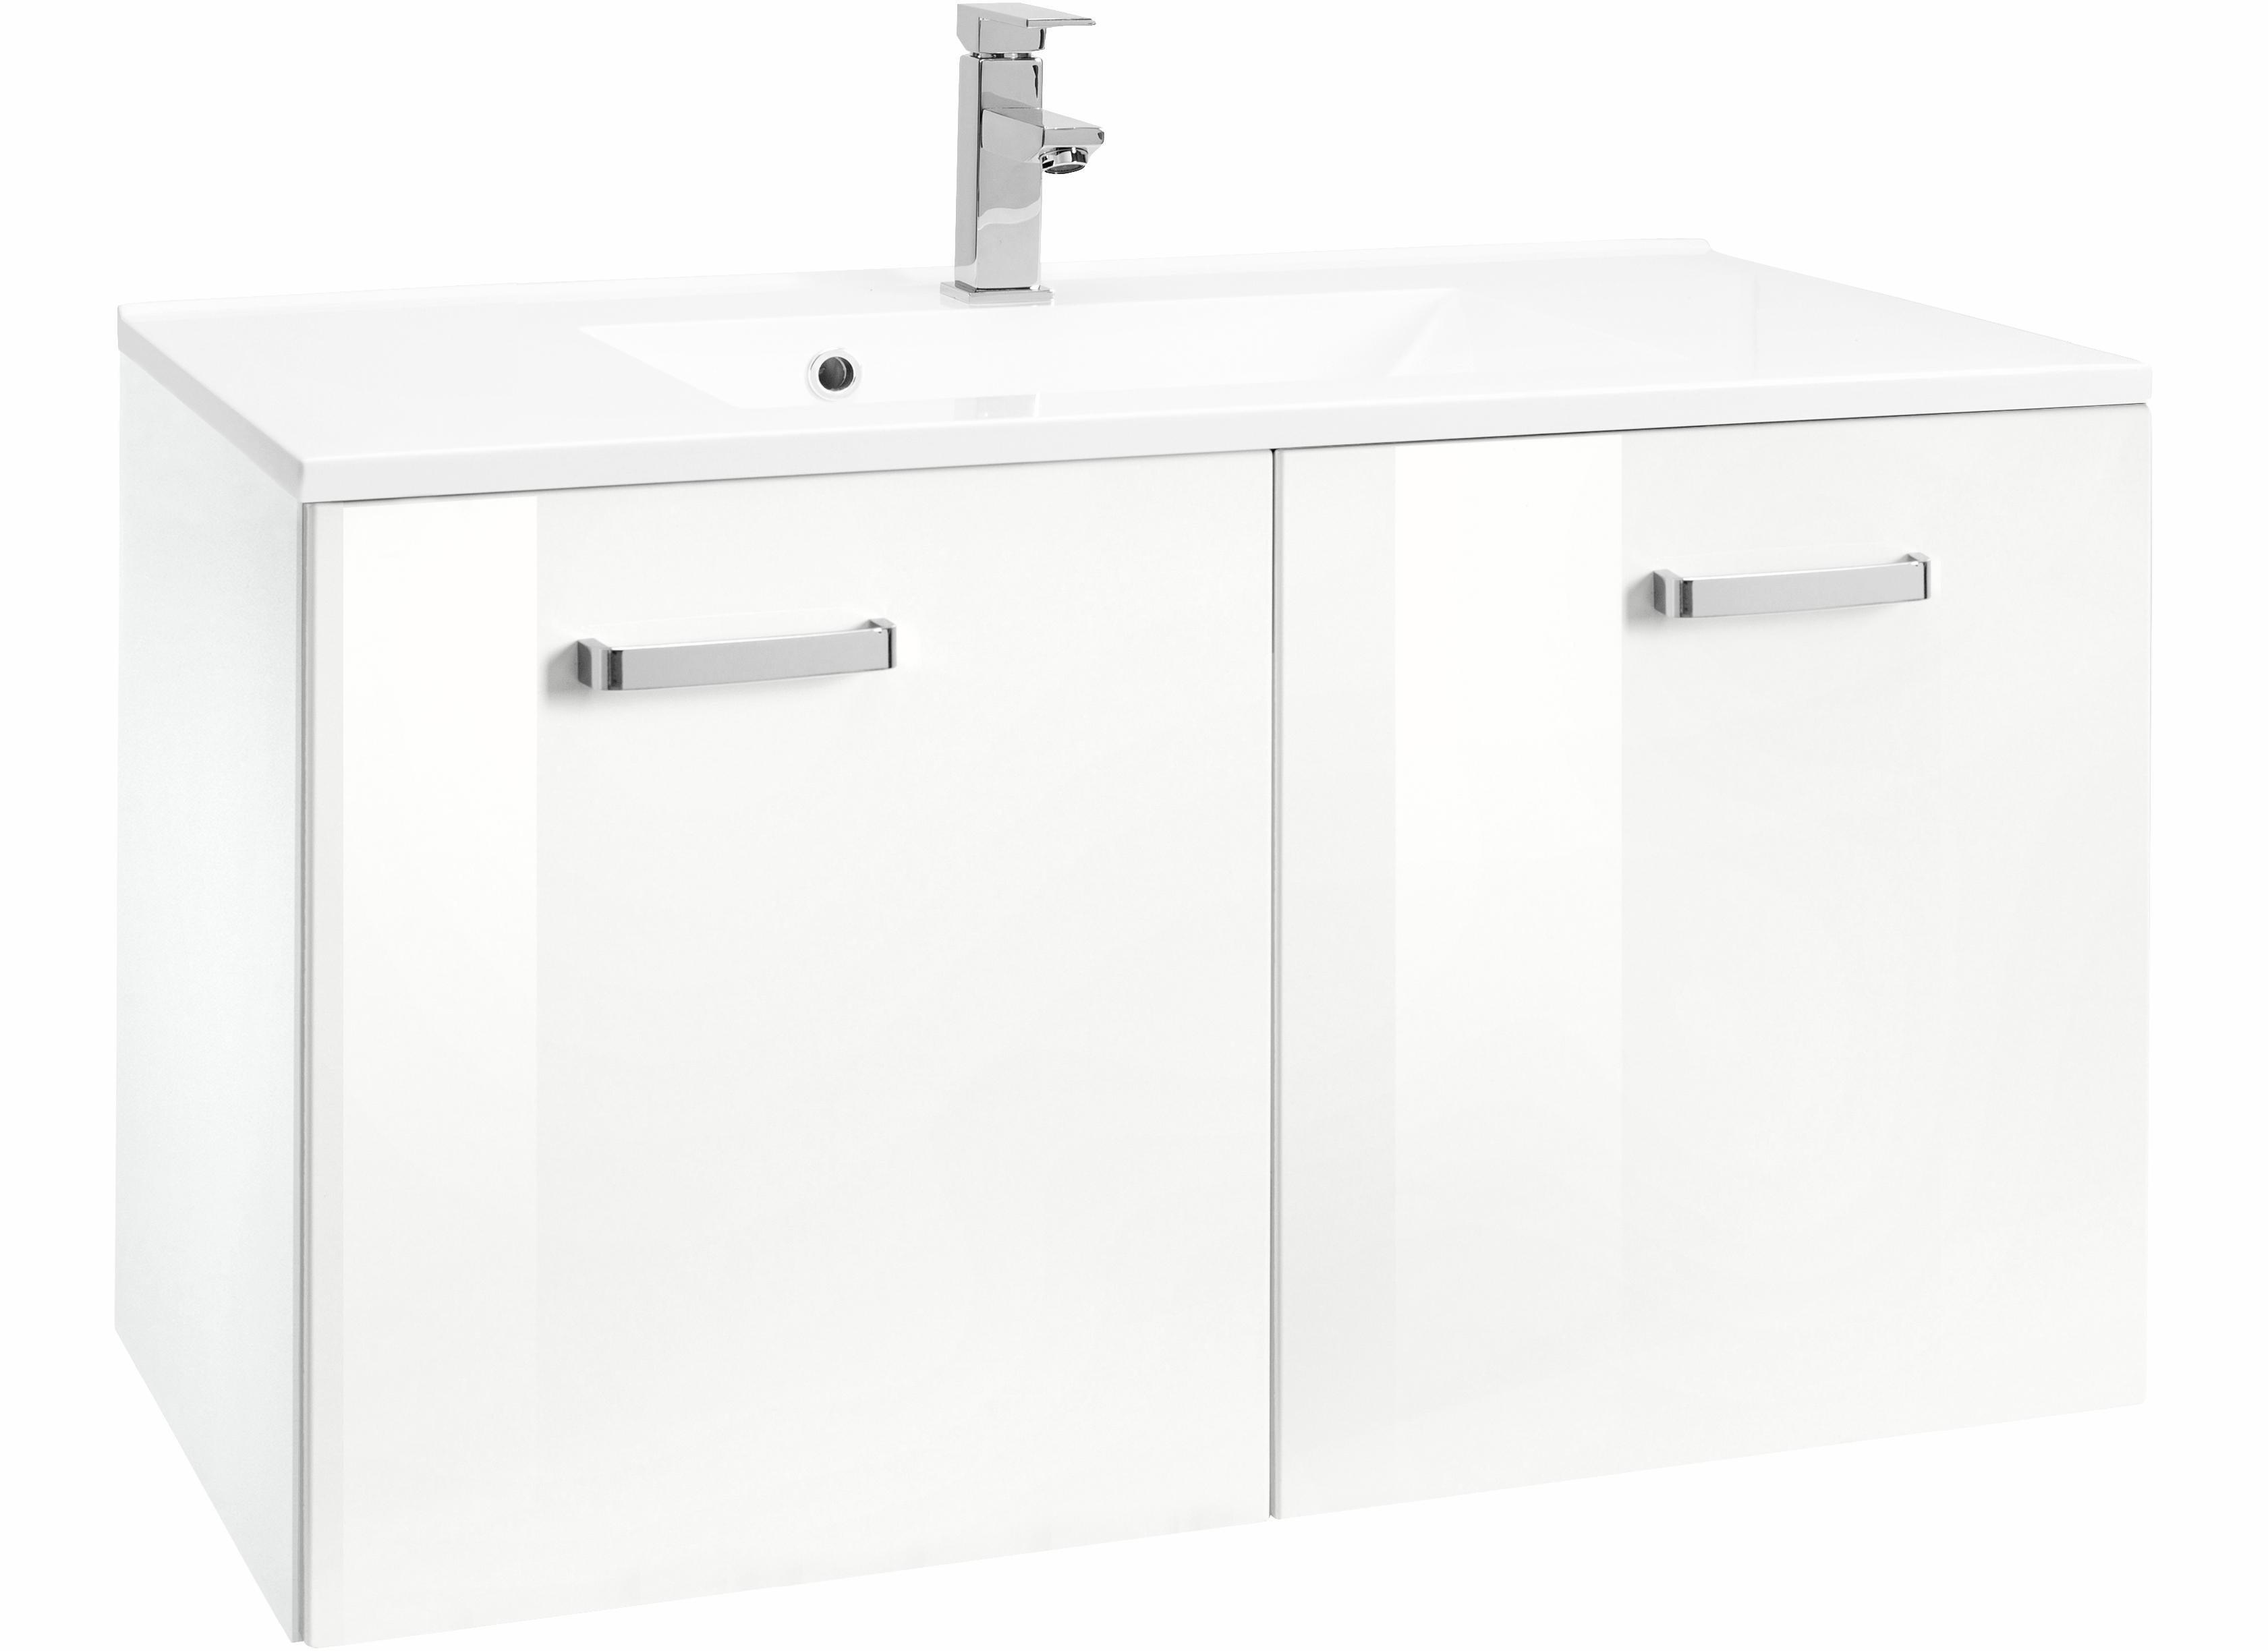 HELD MÖBEL Waschtisch »Ravenna«, Breite 70 cm | Bad > Badmöbel > Badmöbel-Sets | Weiß - Grau | Melamin | HELD MÖBEL